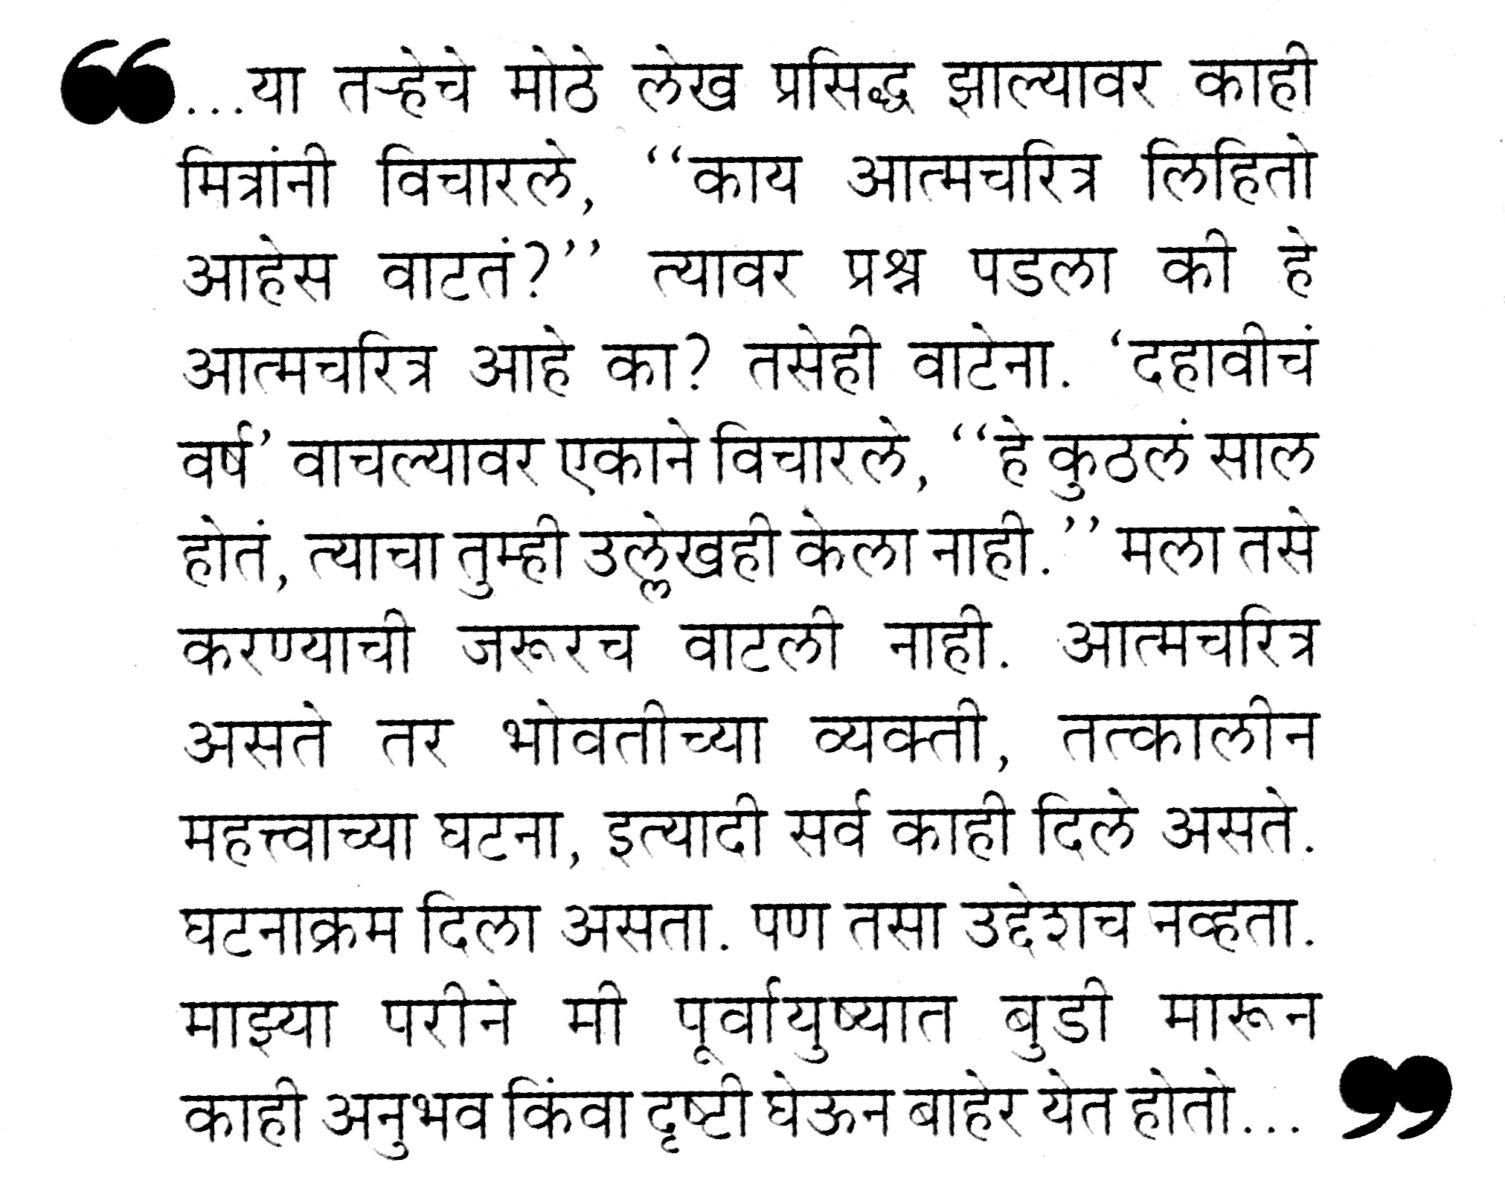 Swatavishayi Blurb